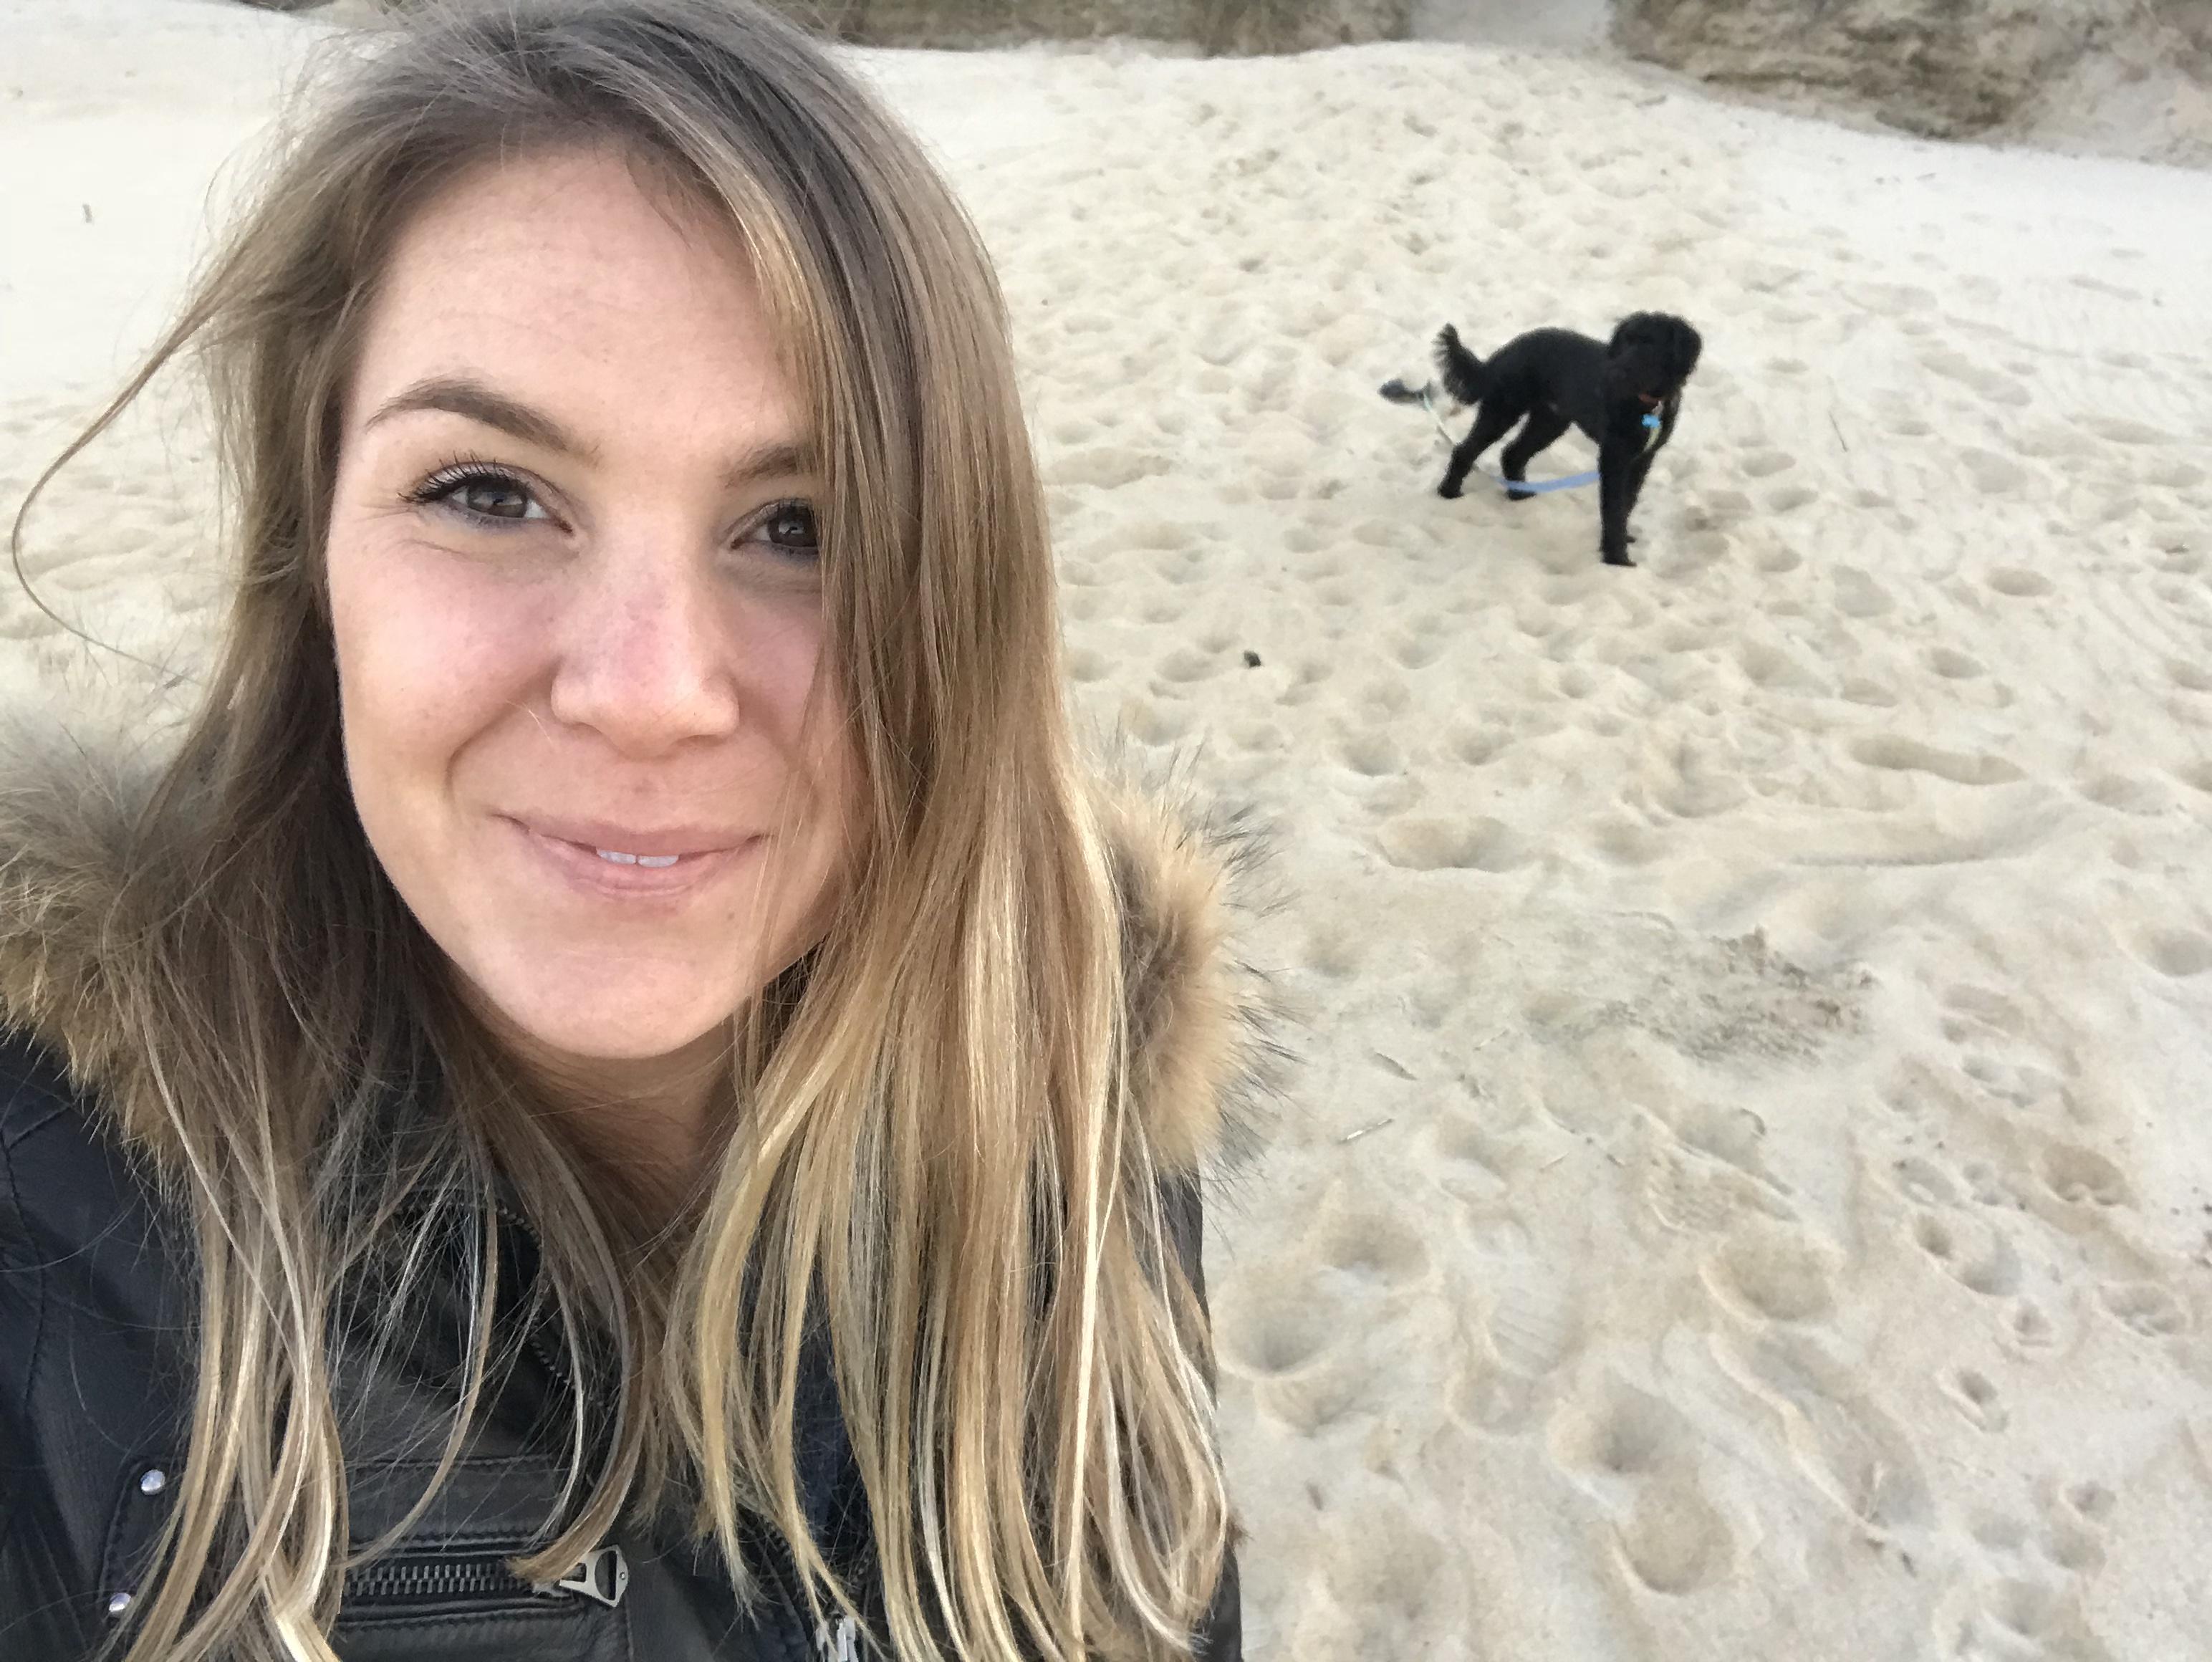 Madison Pommer